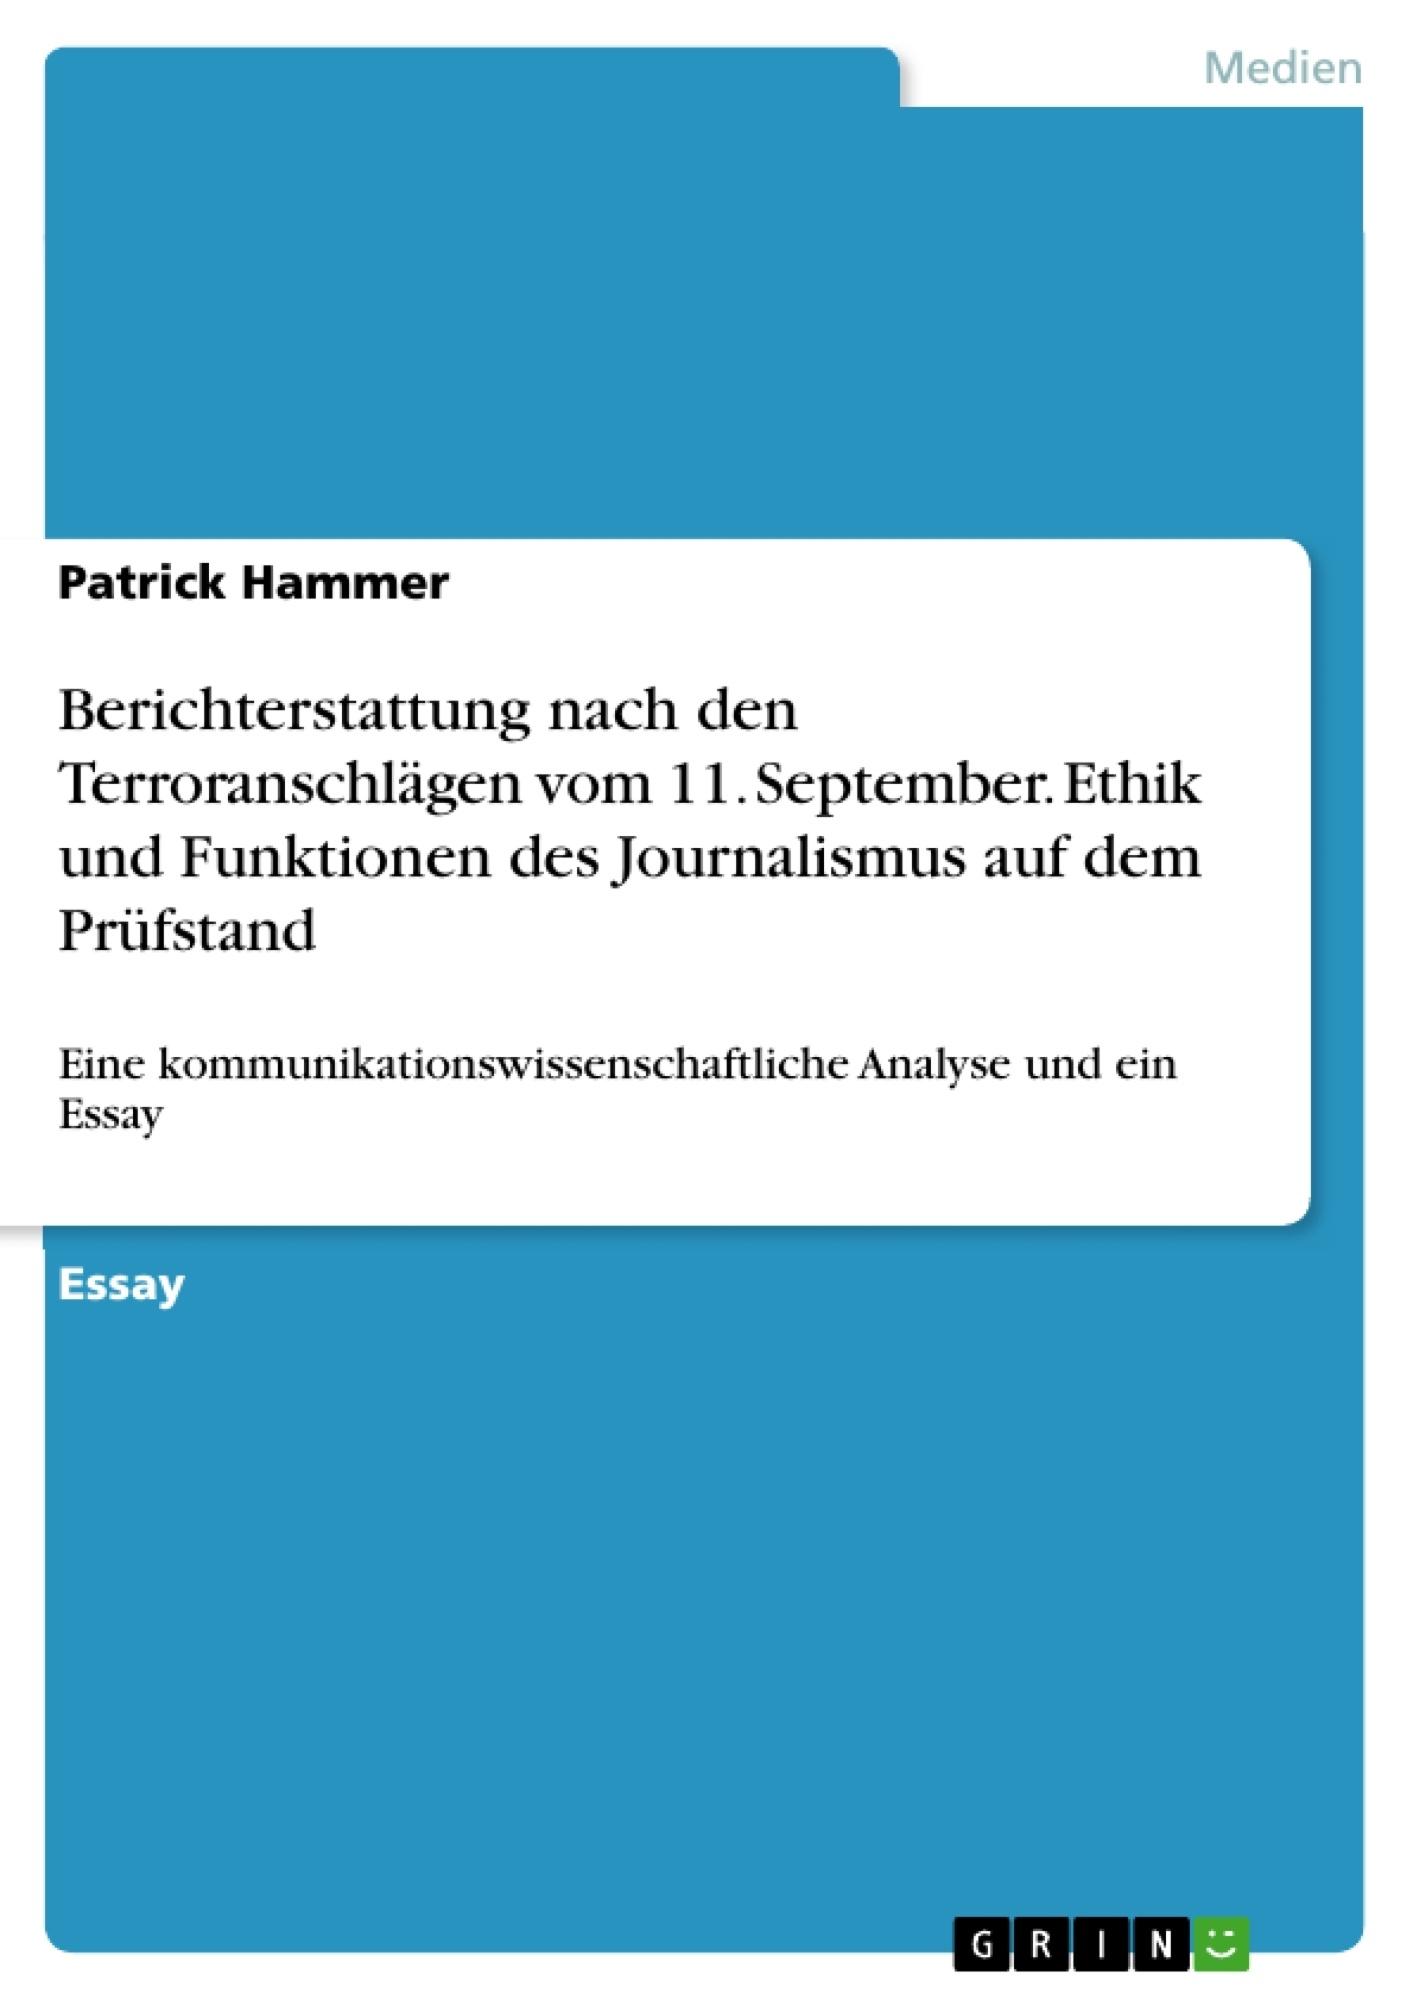 Titel: Berichterstattung nach den Terroranschlägen vom  11. September. Ethik und Funktionen des Journalismus auf dem Prüfstand